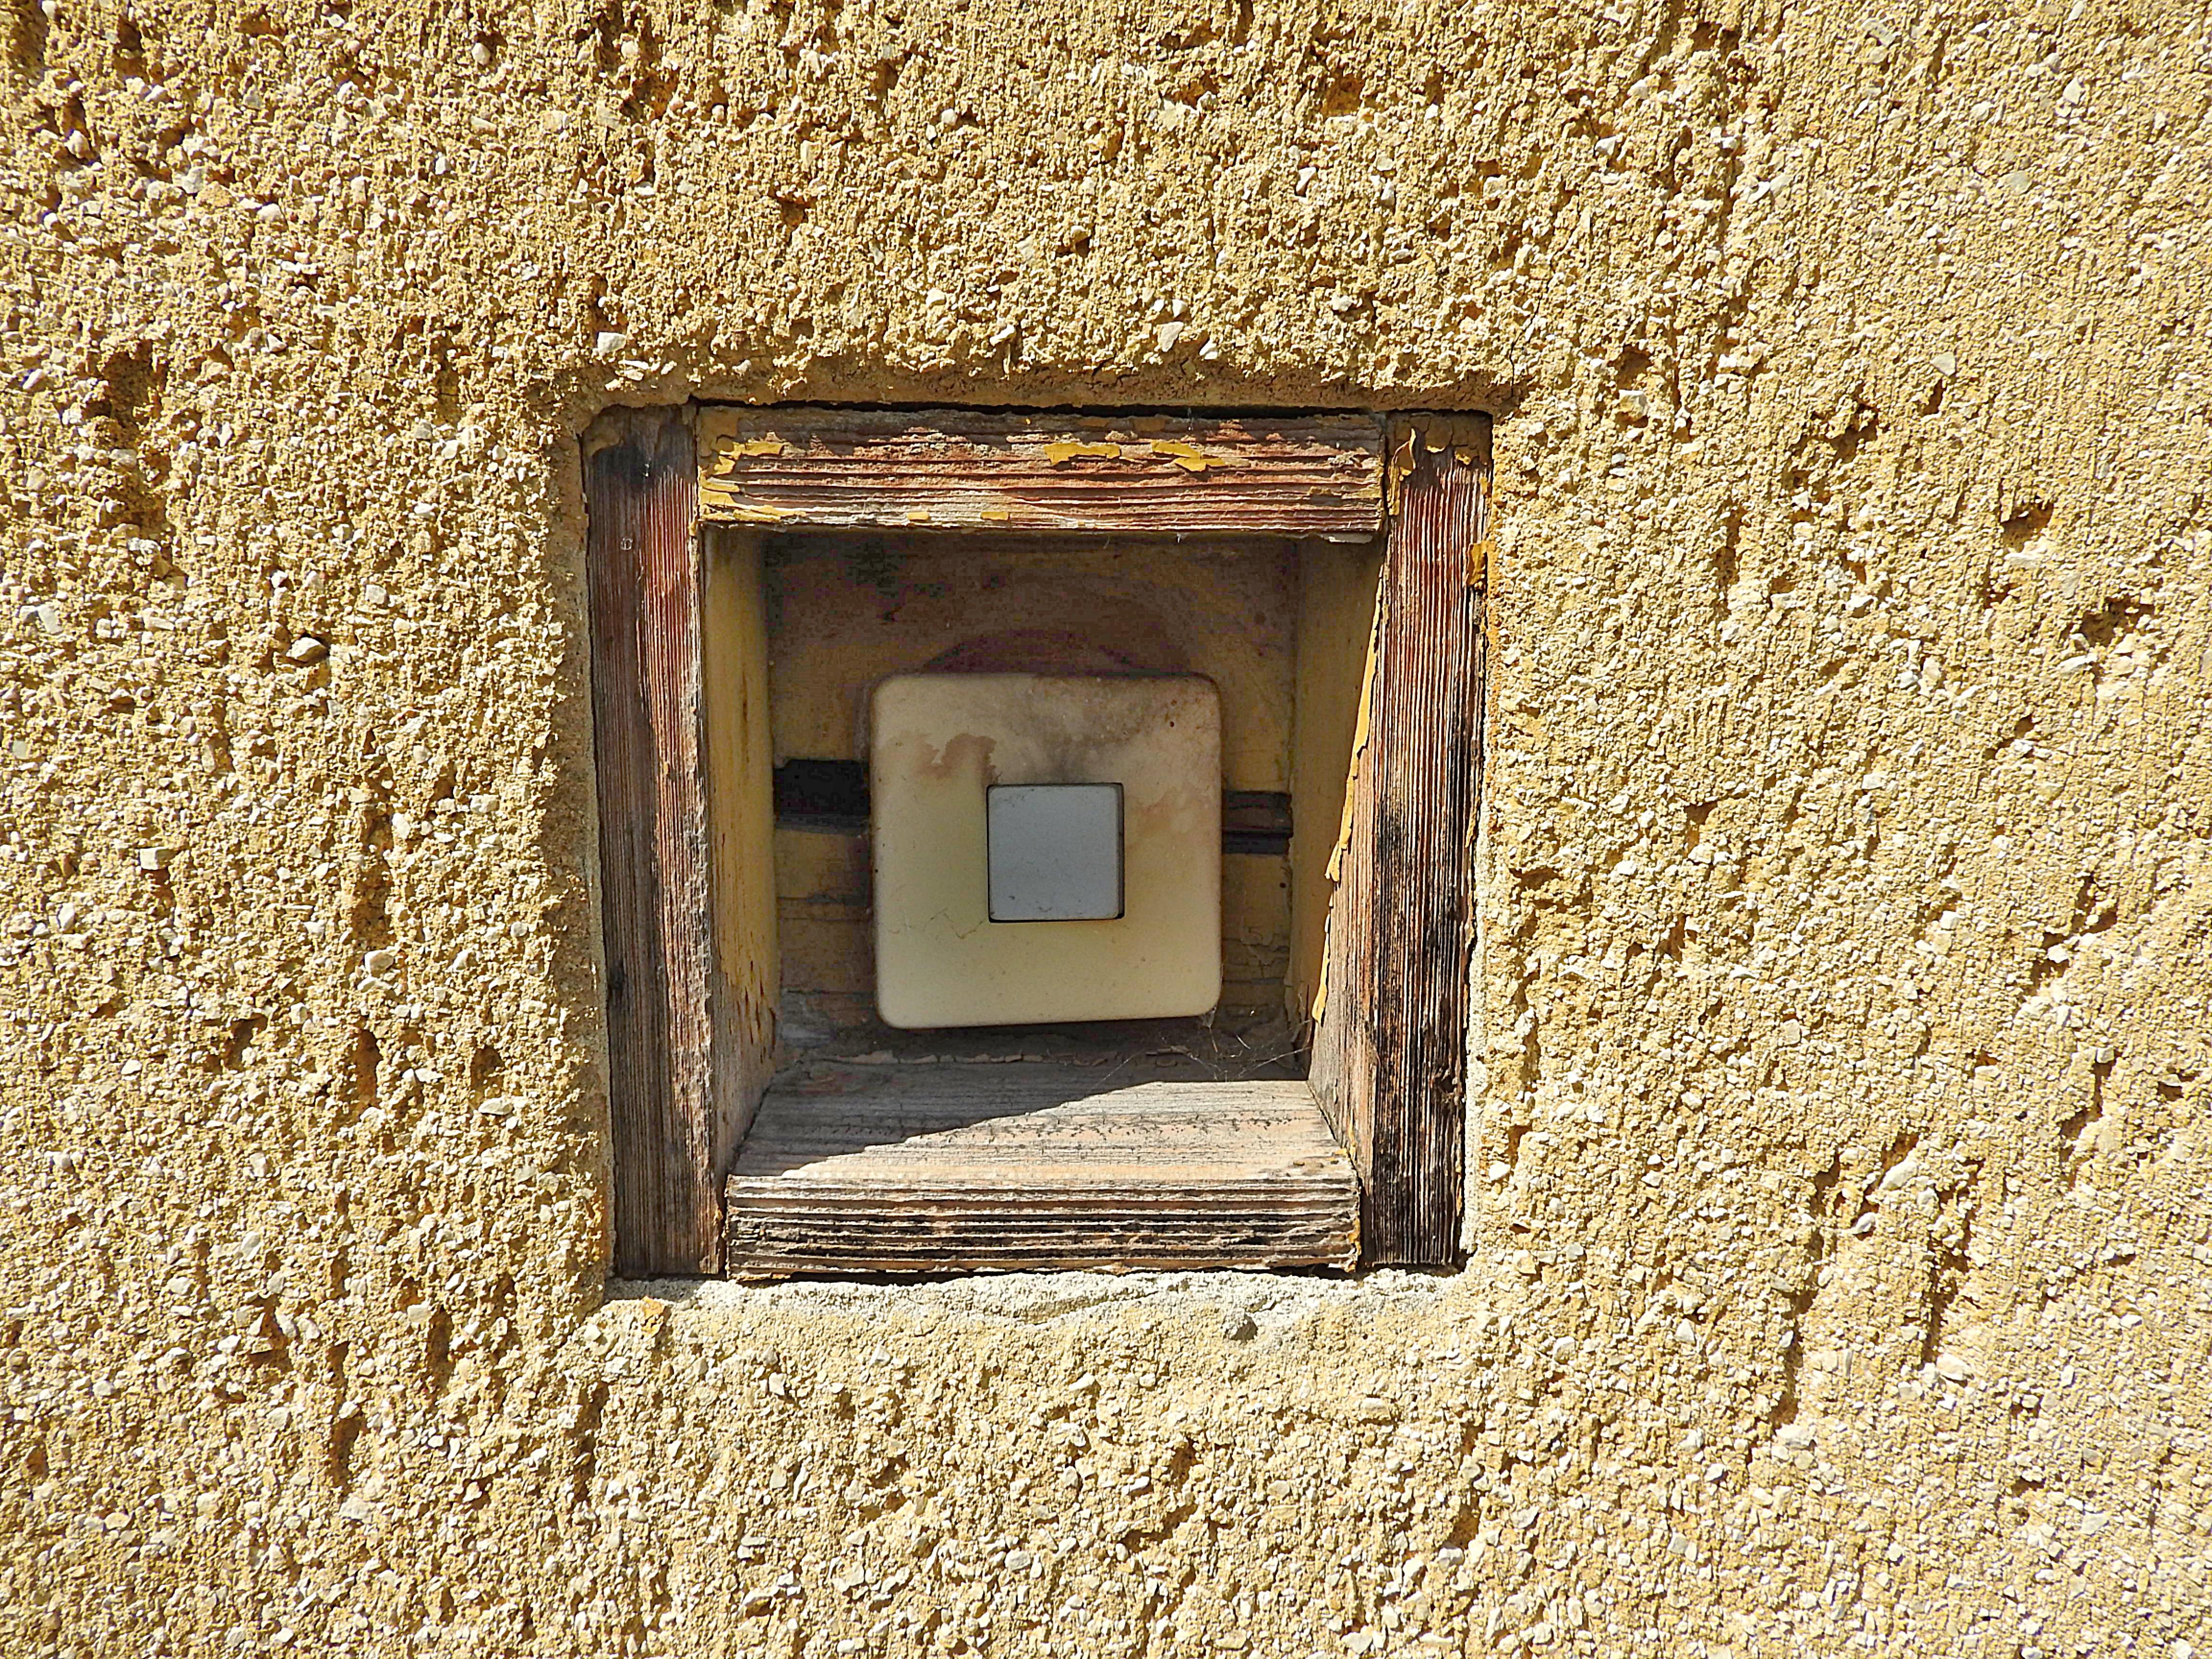 Kostenlose foto : Holz, Haus, Stock, Fenster, Mauer, Fassade ...